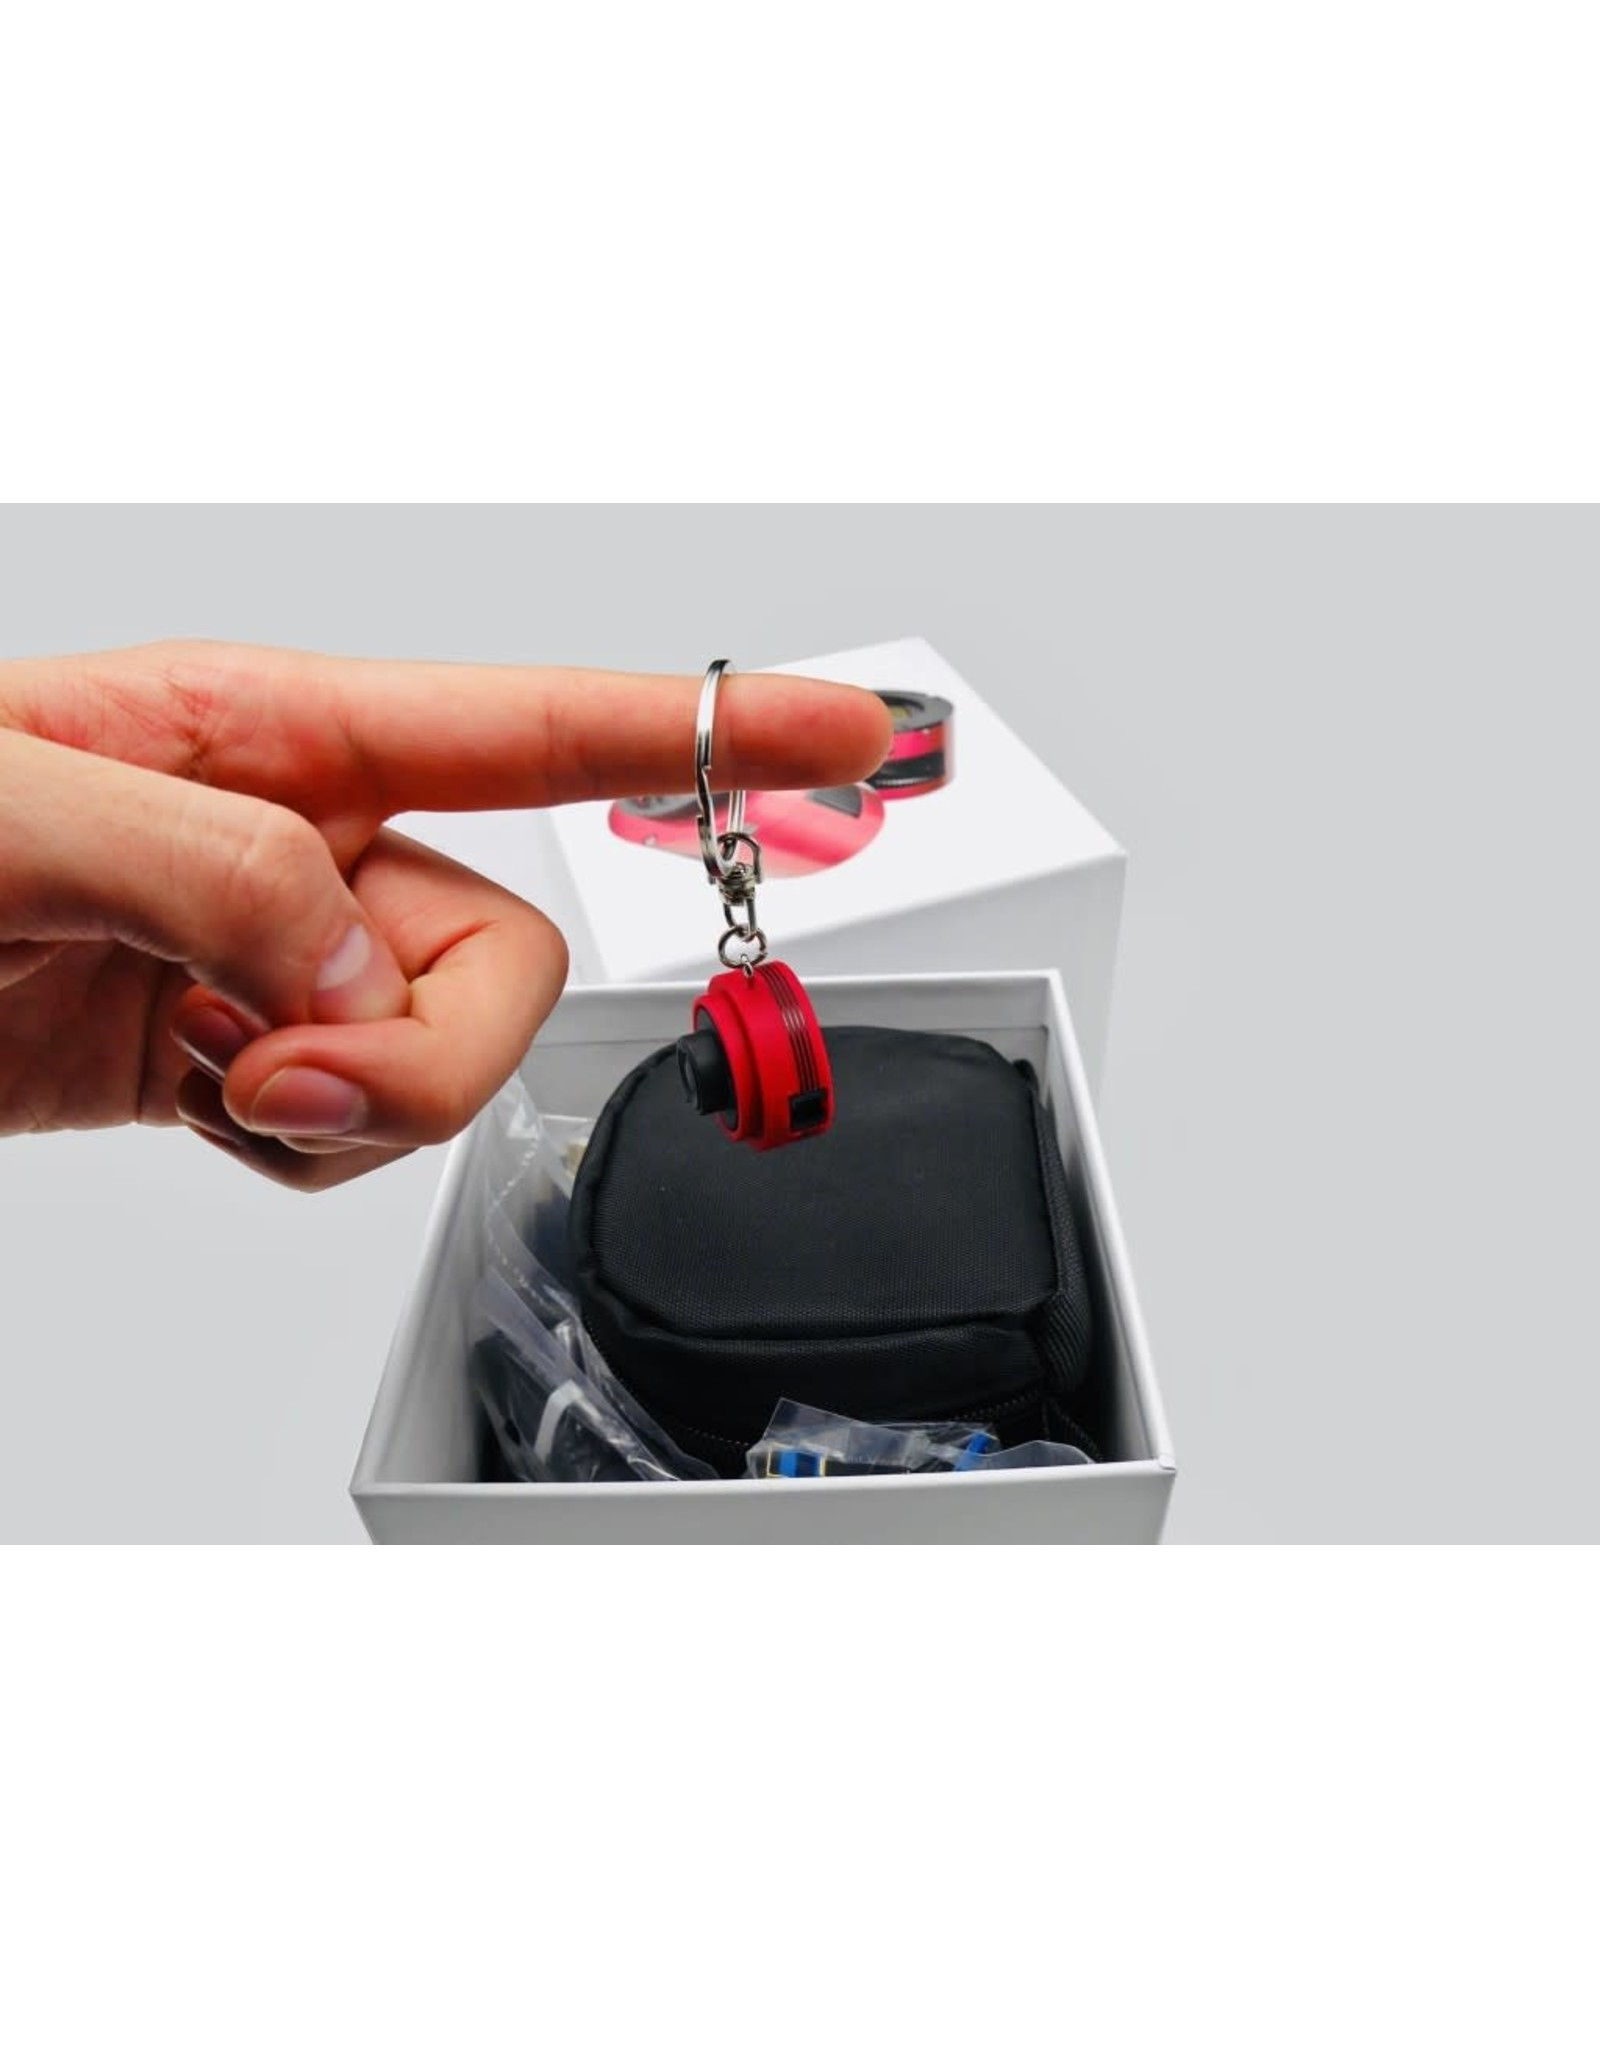 ZWO ASI120MM Mini Model Key Chain